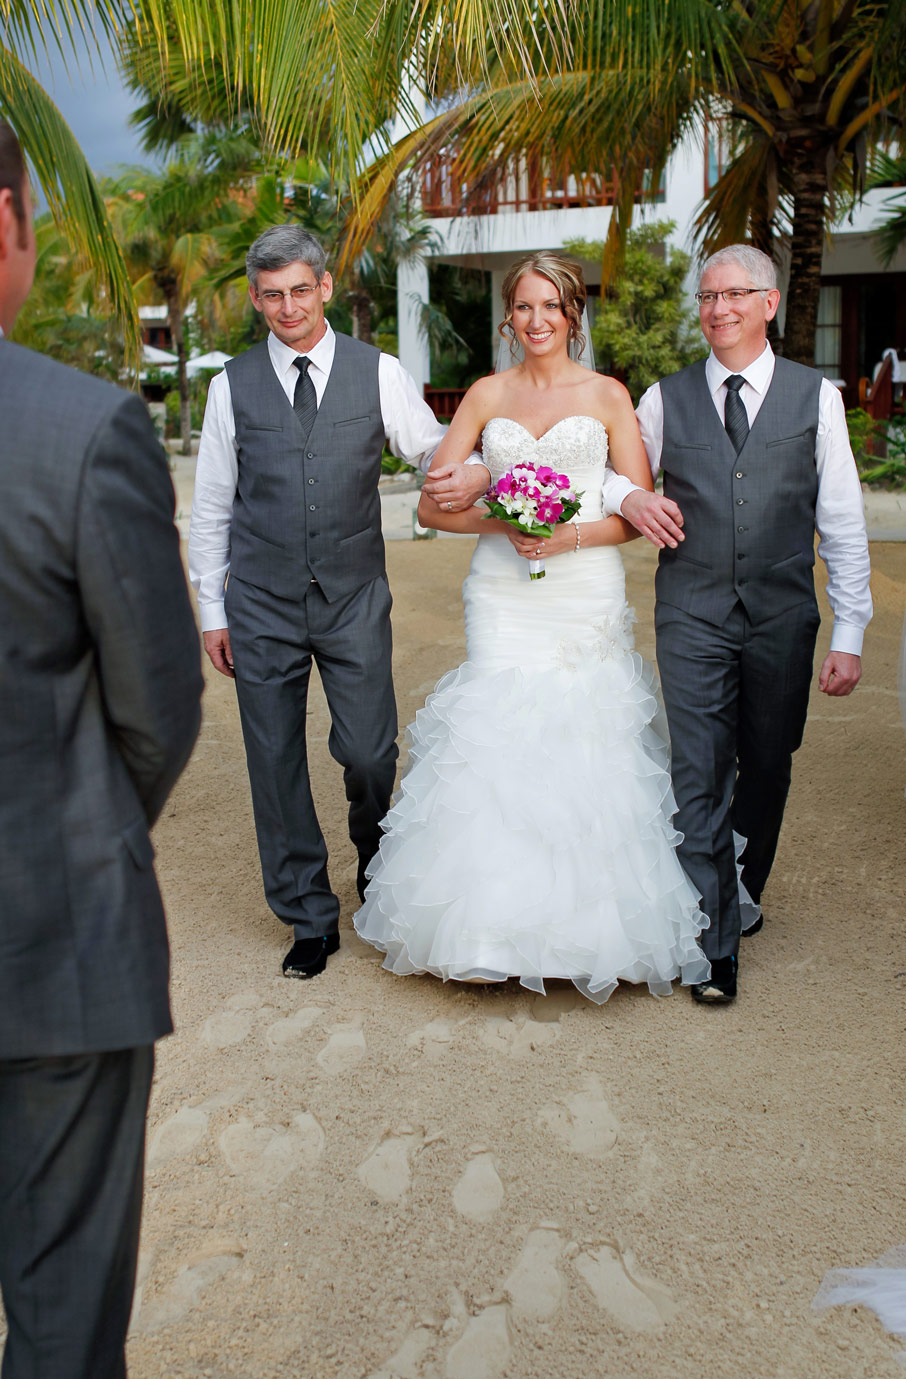 jamaica-milwaukee-destination-wedding-ruthie-hauge-photography-30.jpg